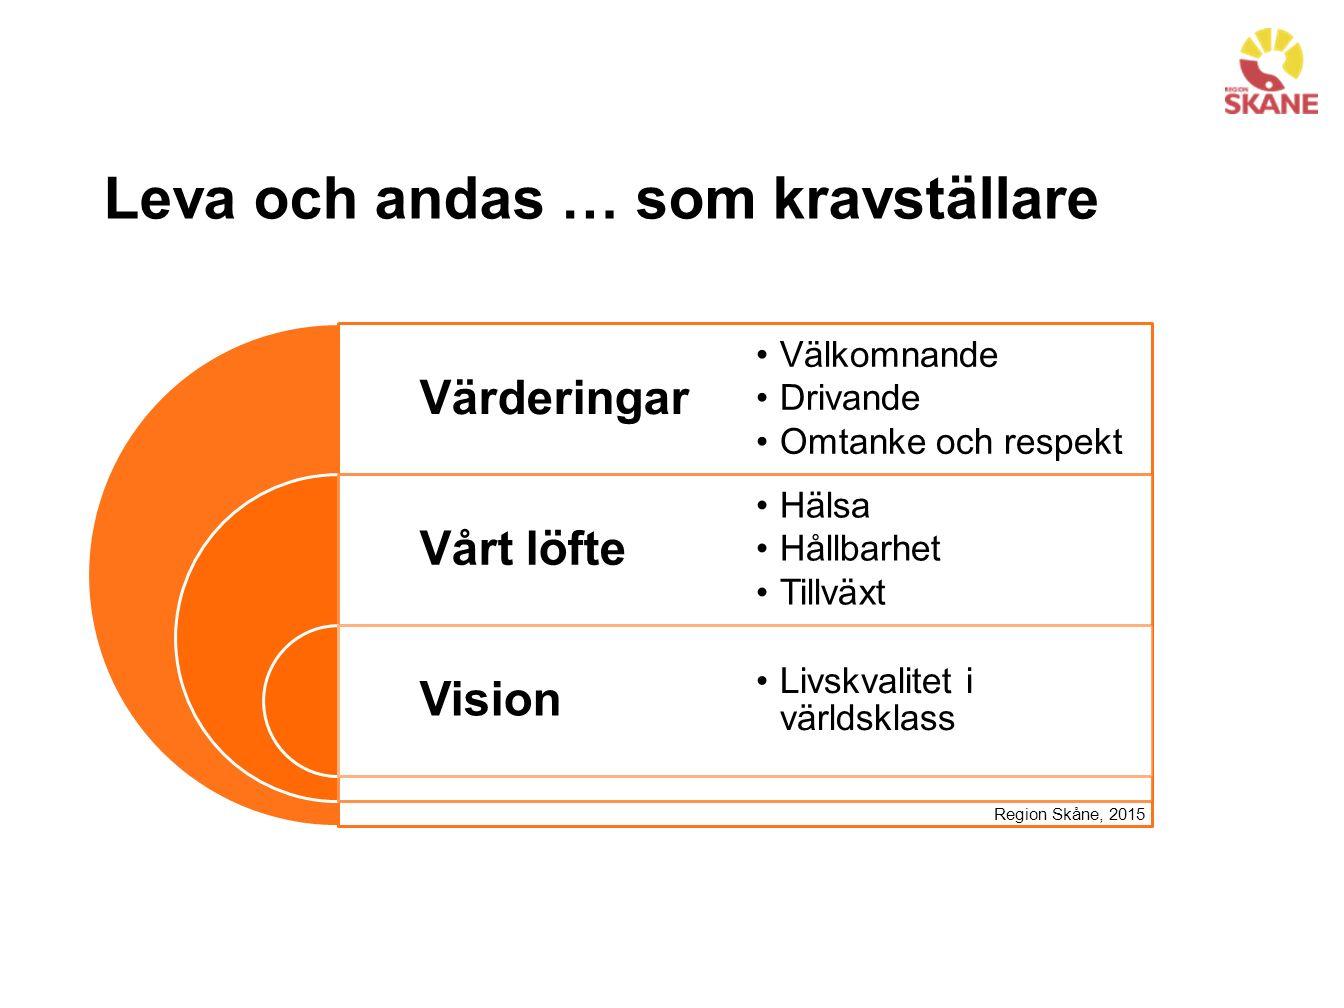 Leva och andas … som kravställare Värderingar Vårt löfte Vision Välkomnande Drivande Omtanke och respekt Hälsa Hållbarhet Tillväxt Livskvalitet i världsklass Region Skåne, 2015